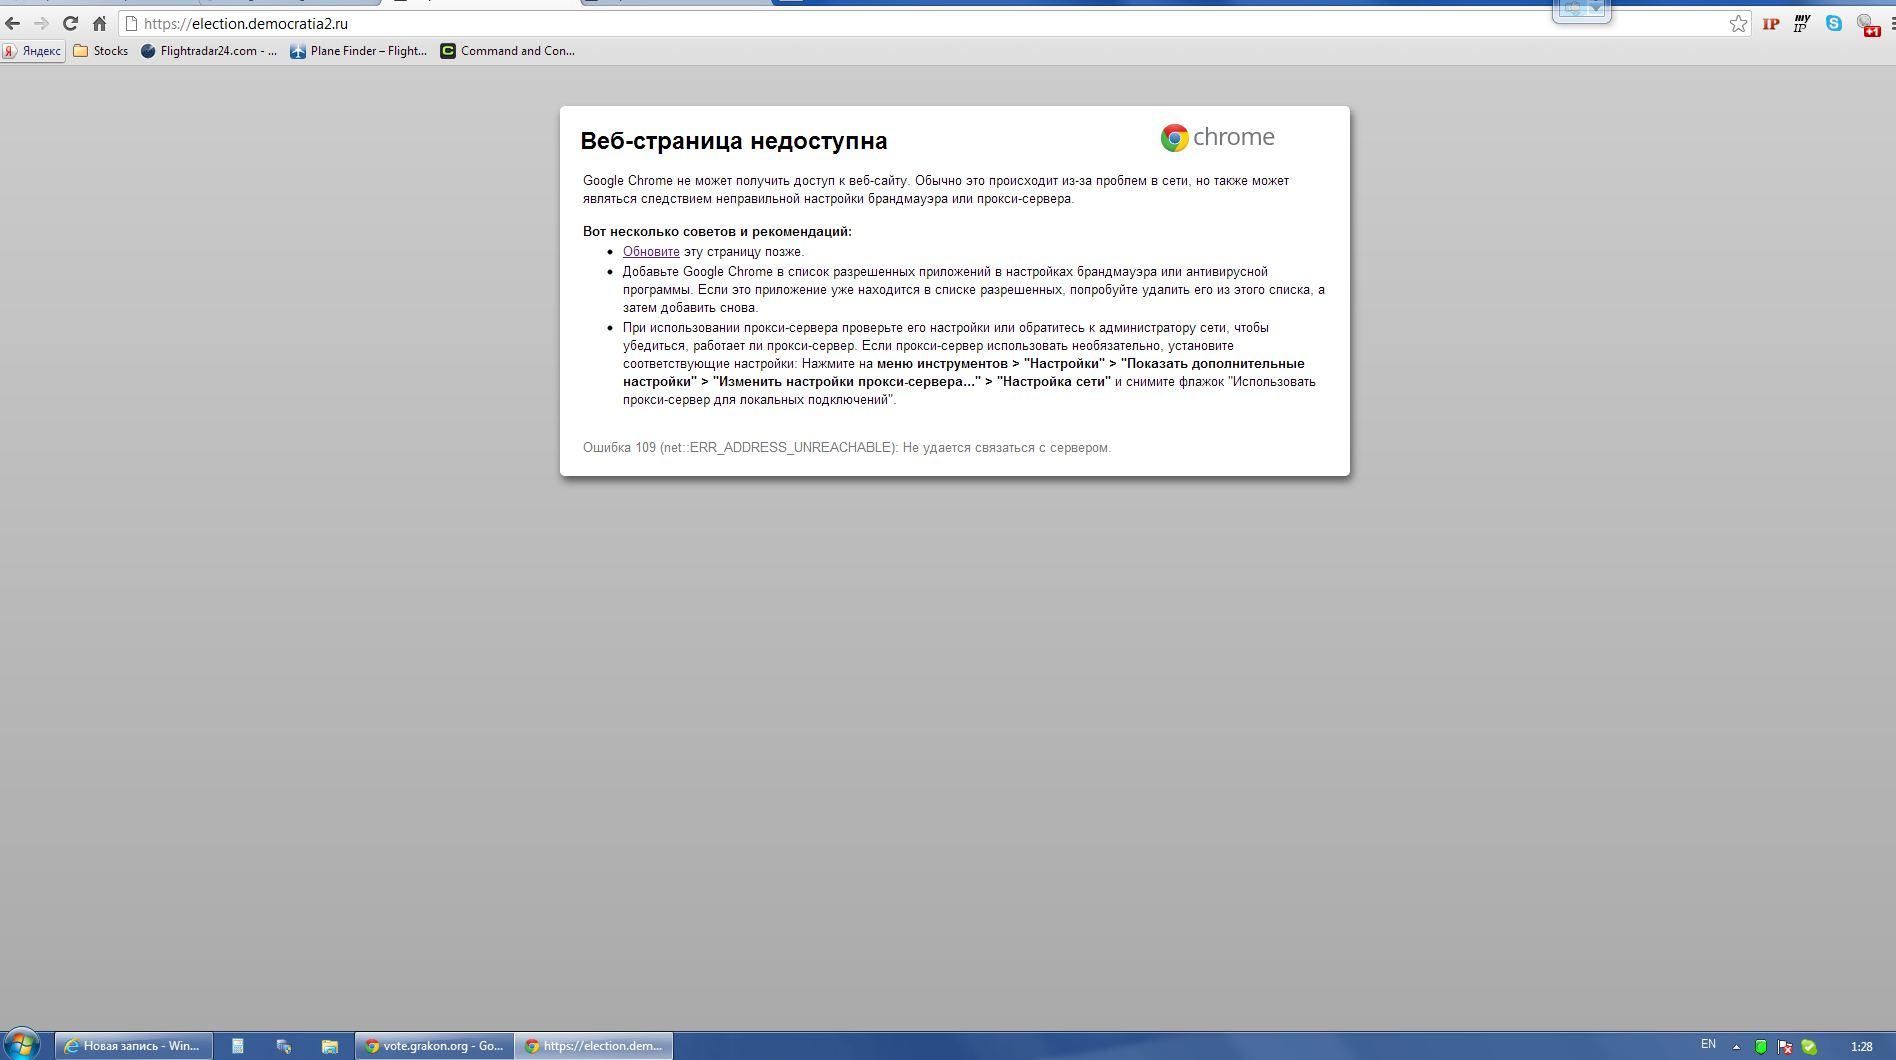 democratia.ru